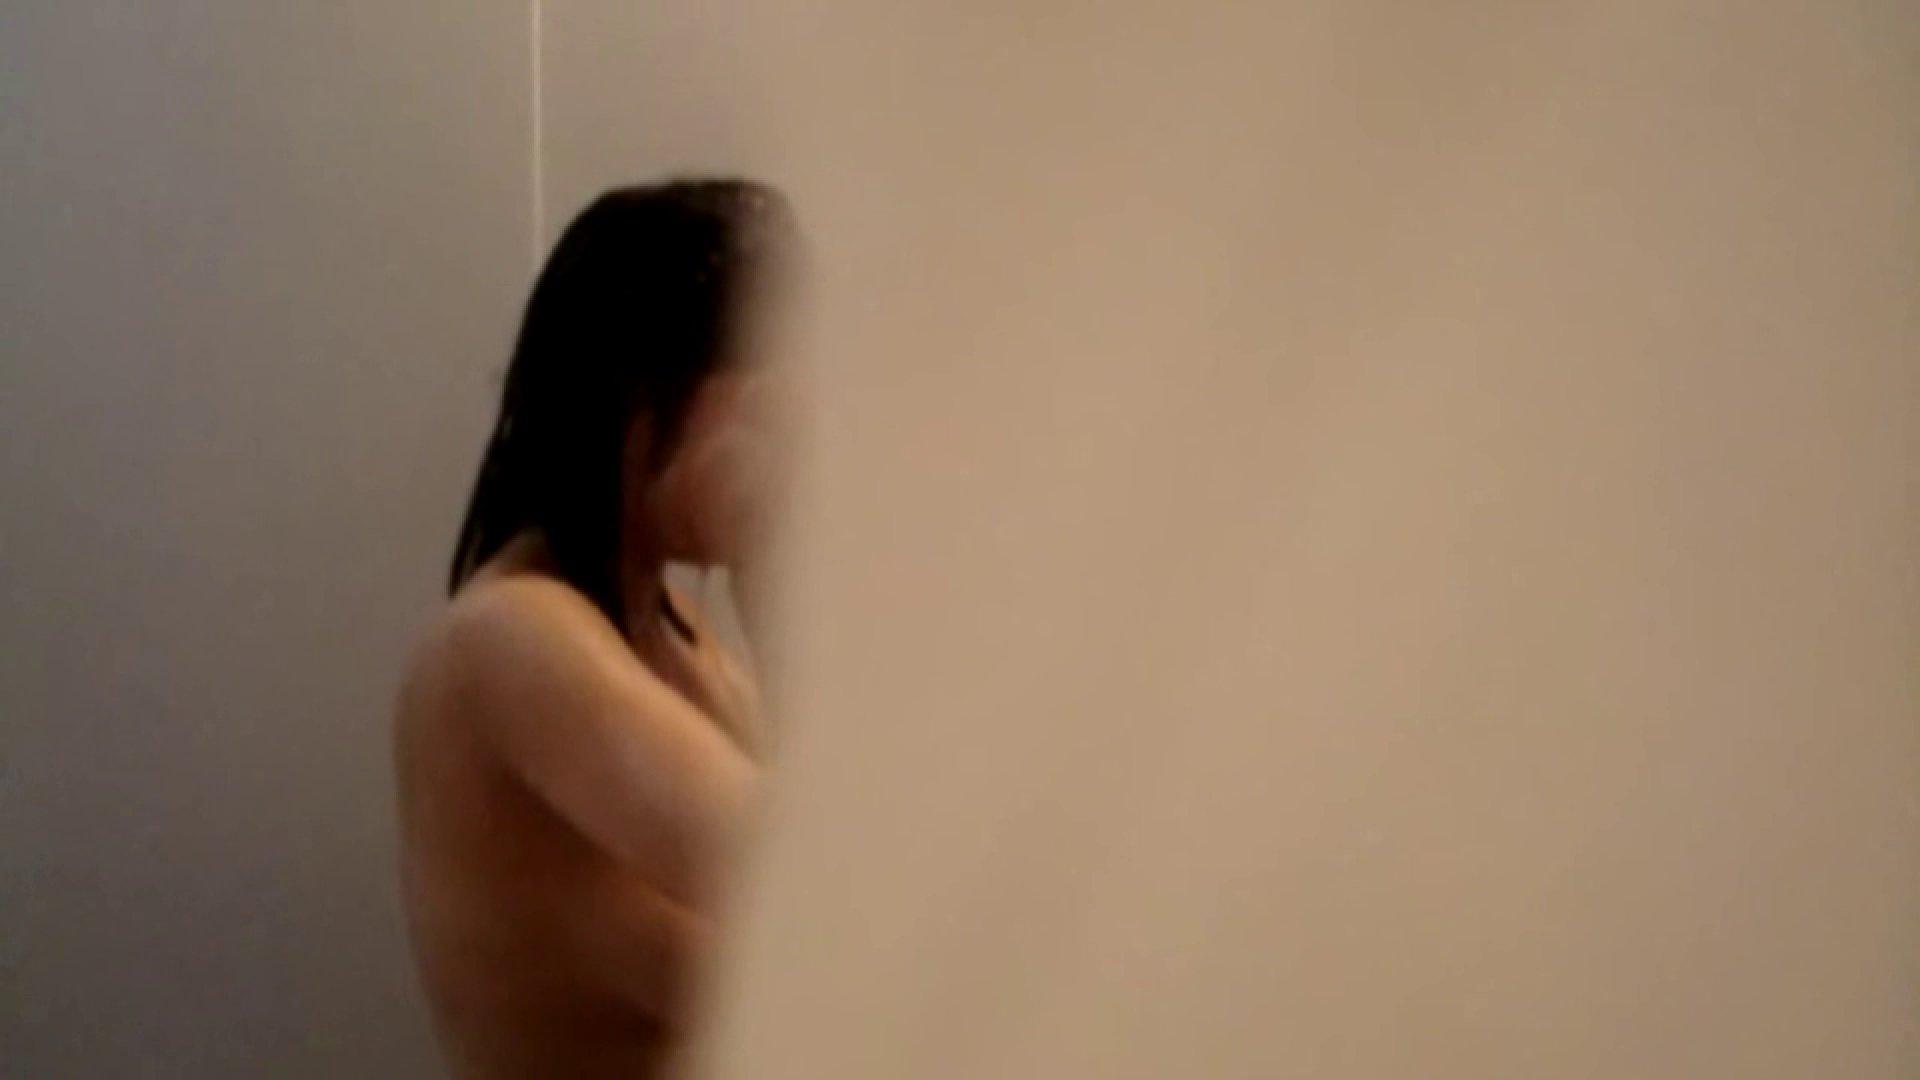 vol.2 葵のグラドル顔負けの爆乳を入浴シーンでどうぞ。 エッチすぎるOL達 のぞき動画画像 38連発 6